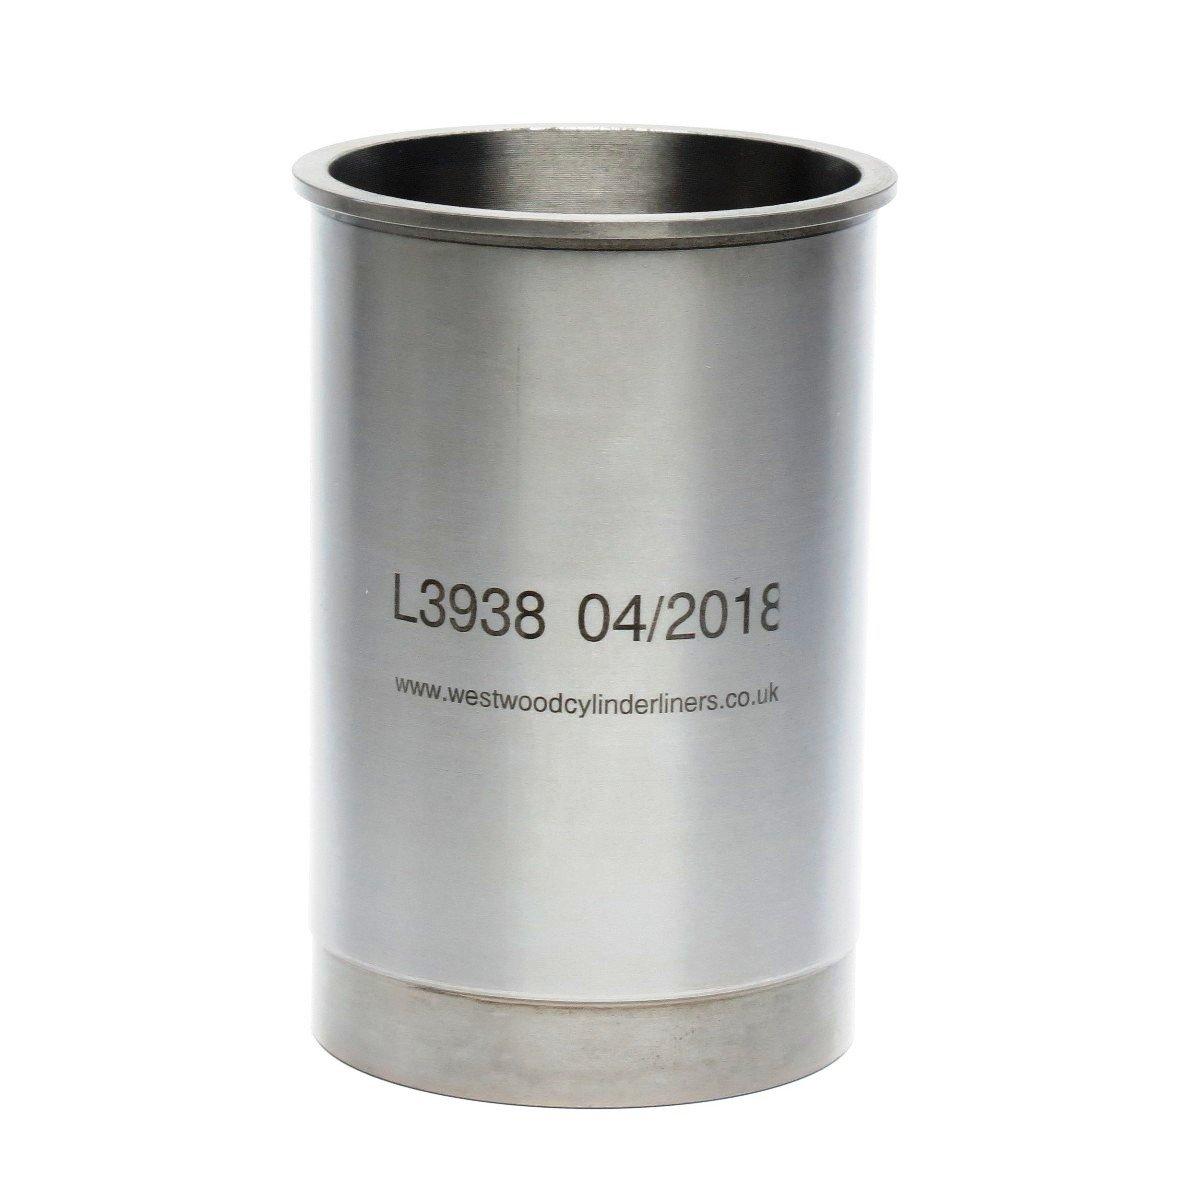 L 3938 - Cylinder Repair Liner